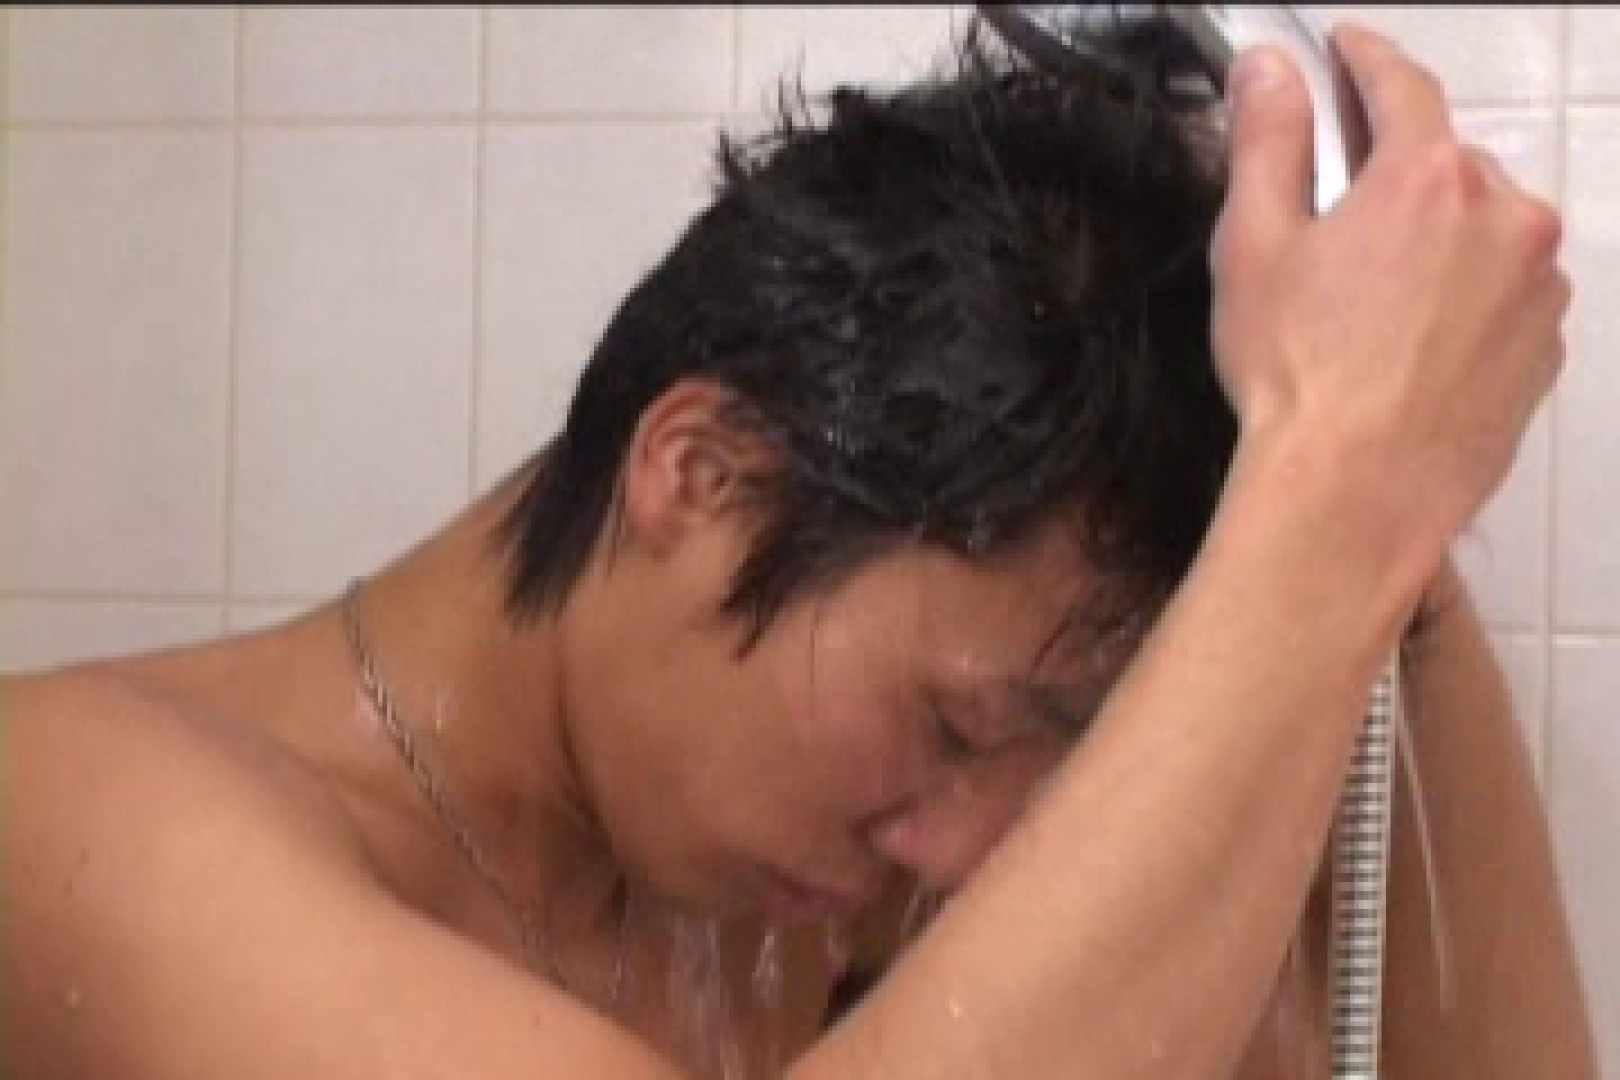 ノンケ狩り!First experience Vol.4 大学生男子   入浴・シャワーシーン  78枚 12